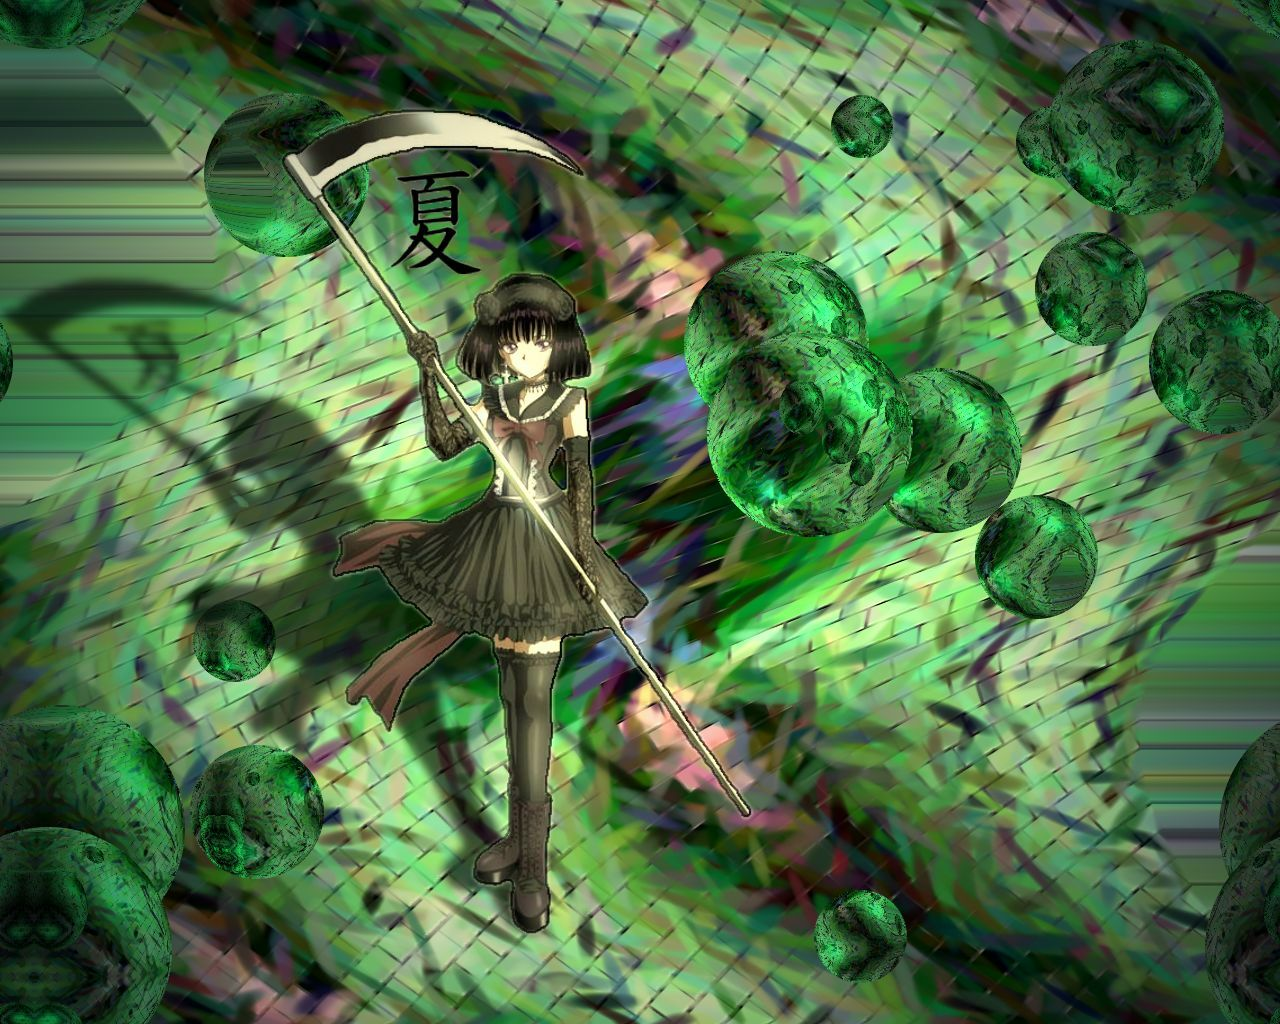 Anime Girls Wallpaper, Anime, Hot Anime Wallpaper